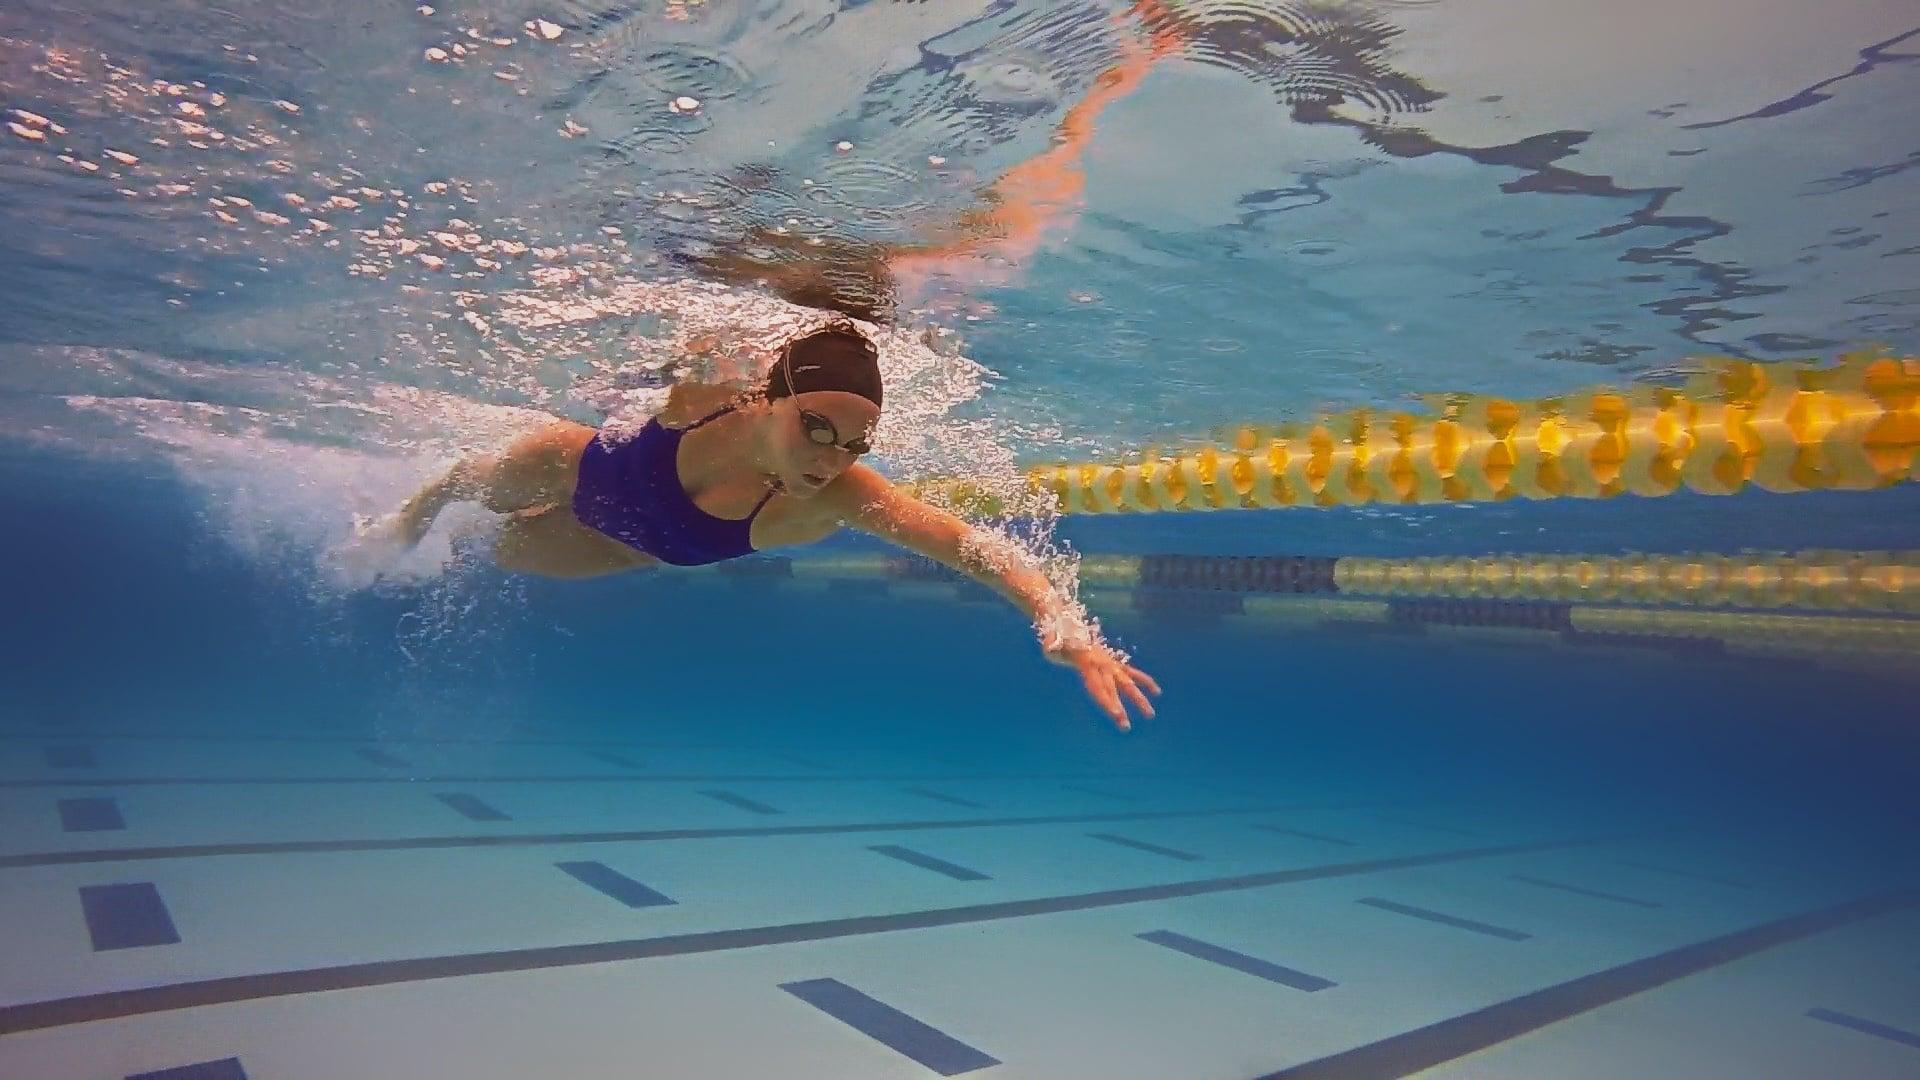 Khóa học bơi sải bao nhiêu tiền?